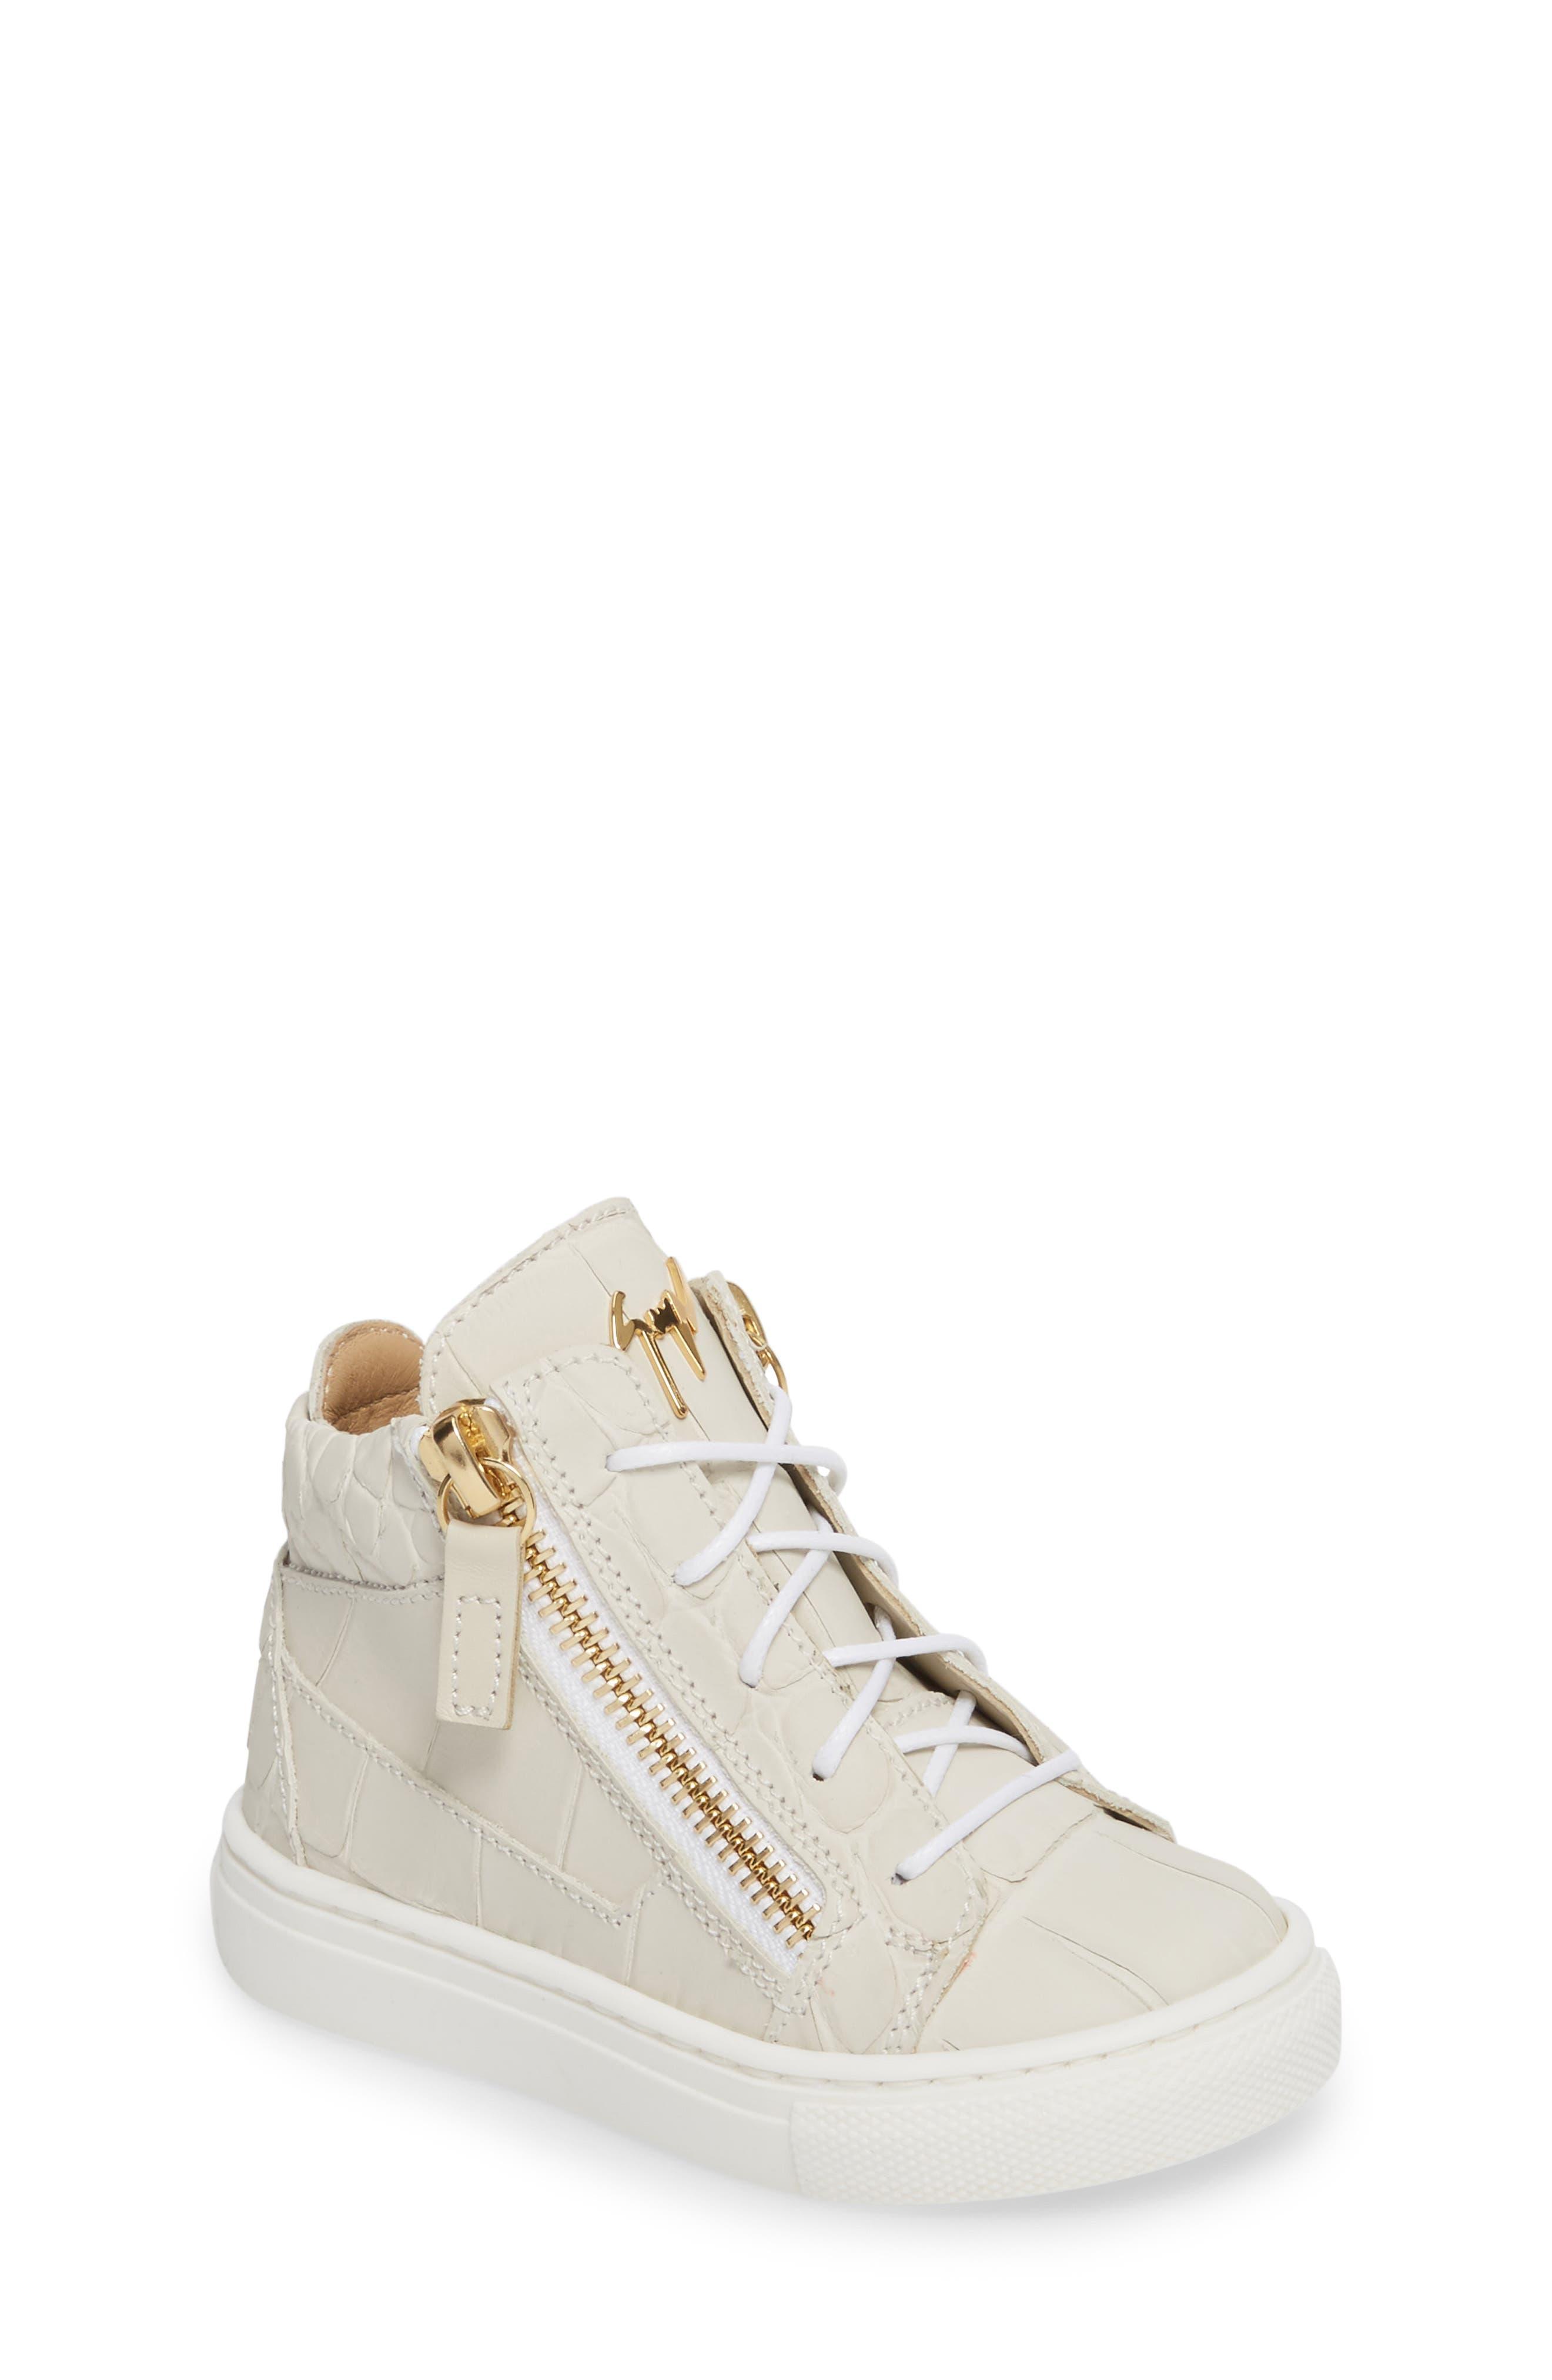 Alternate Image 1 Selected - Giuseppe Zanotti Natalie High Top Sneaker (Baby, Walker, Toddler & Little Kid)